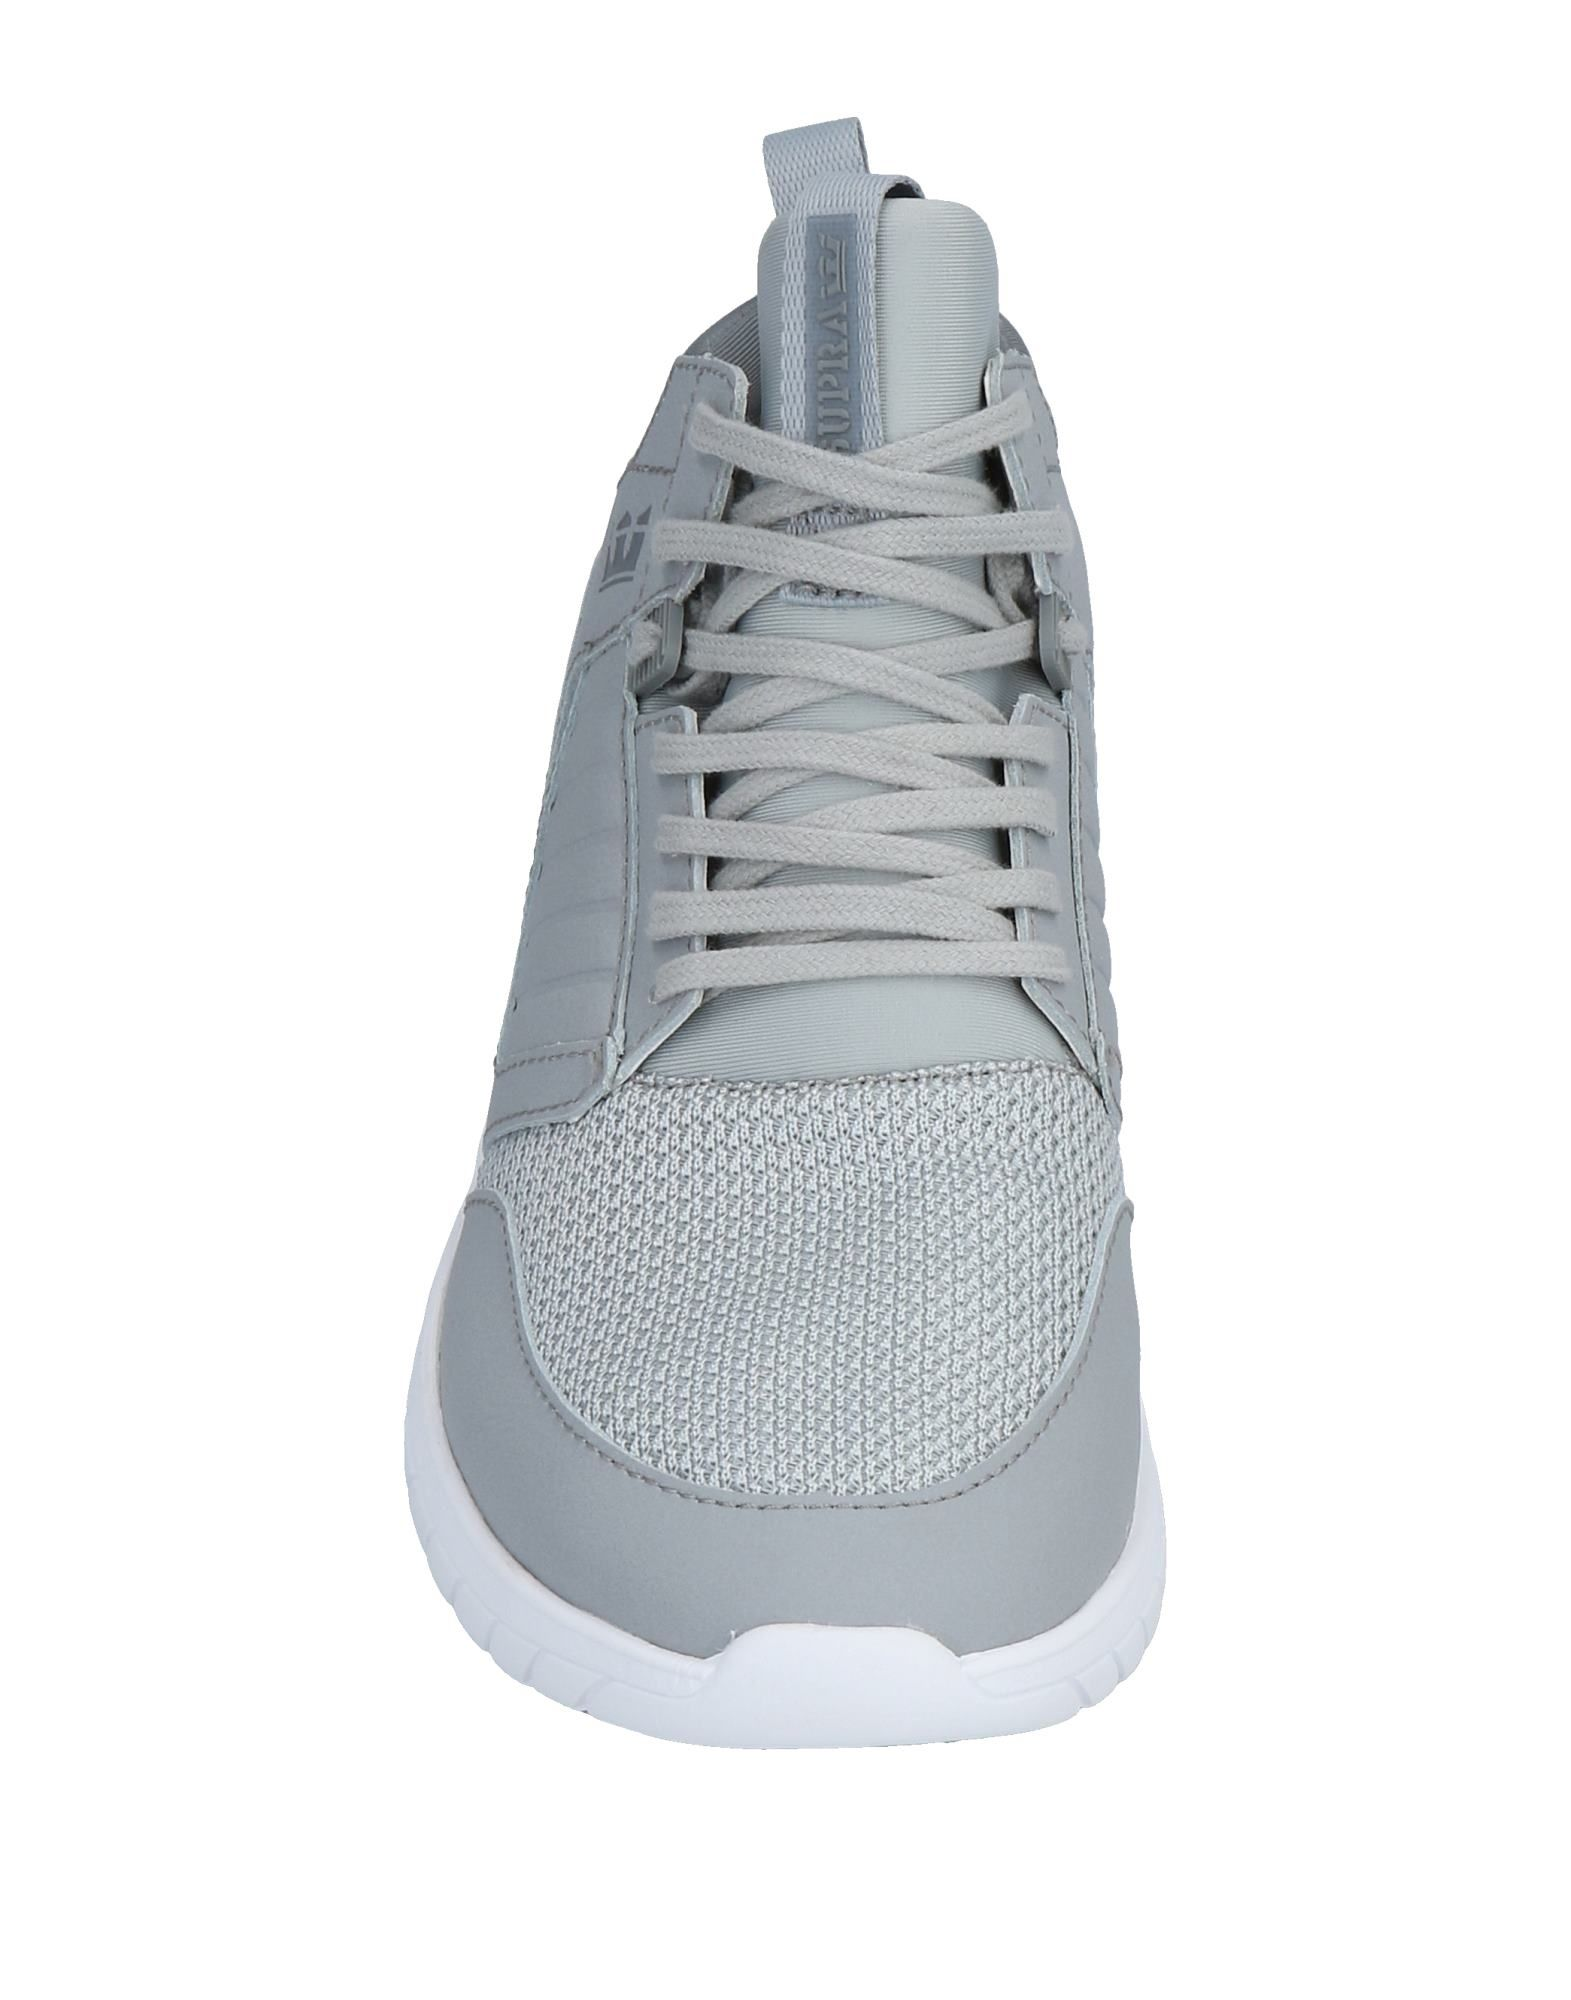 Rabatt echte Schuhe Schuhe Schuhe Supra Sneakers Herren  11473596FL e1d2fb